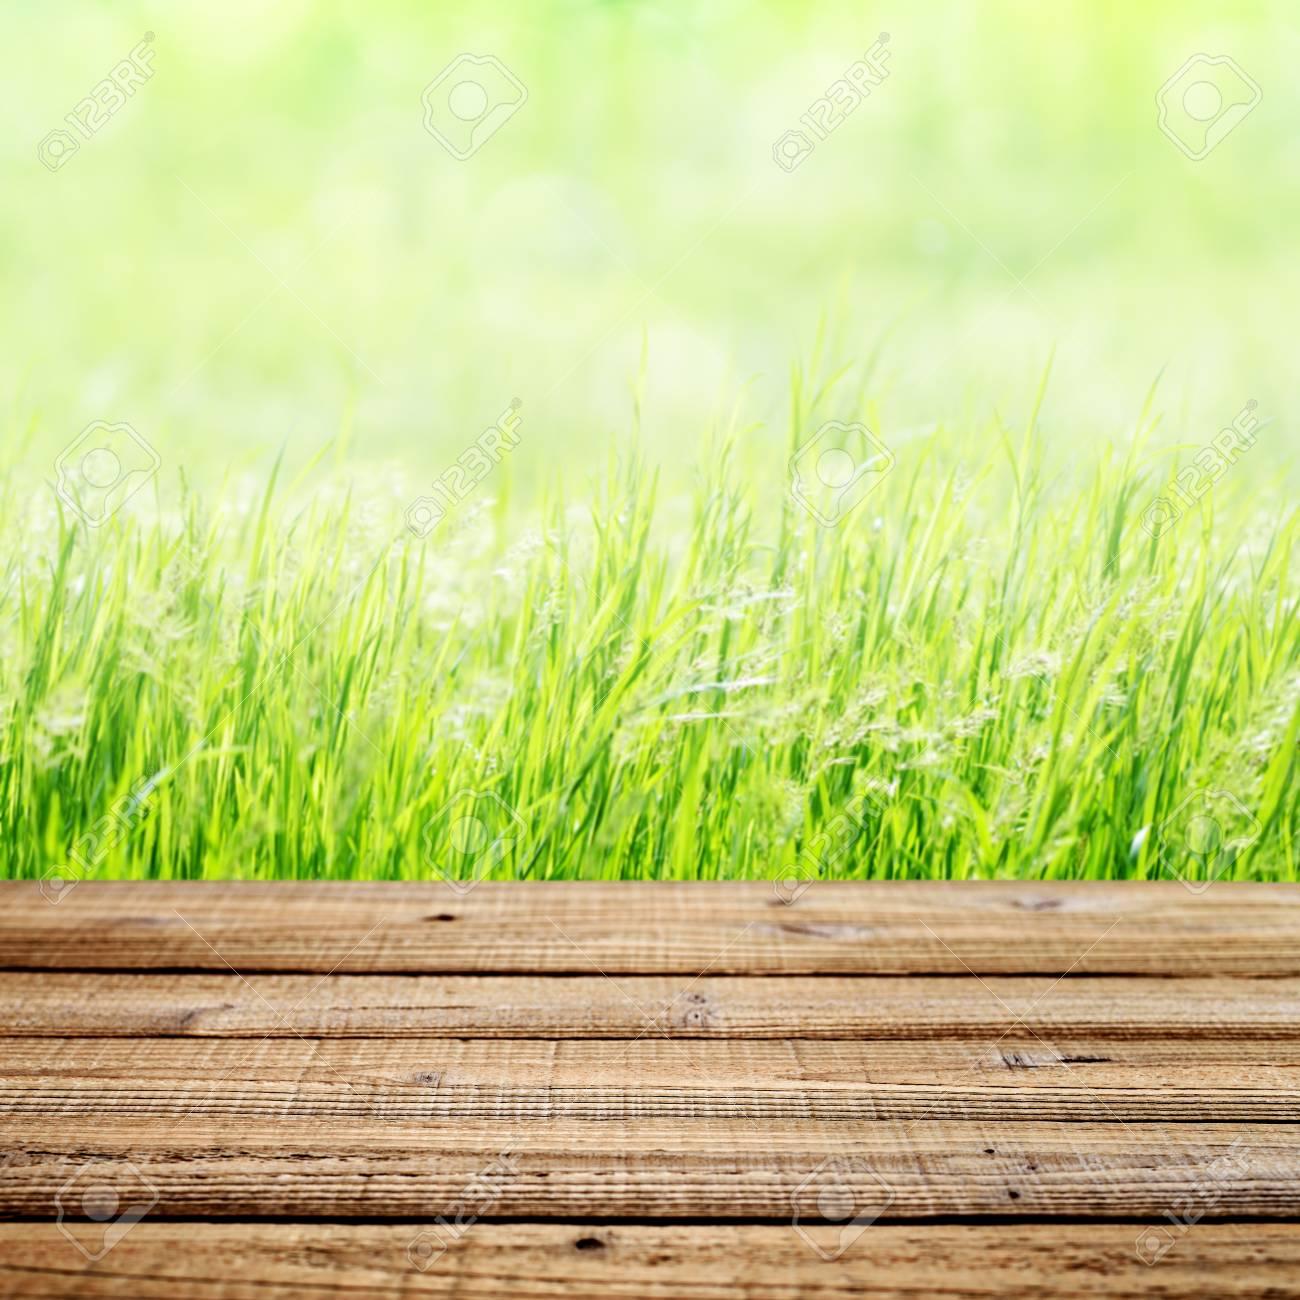 Immagini Stock Vecchio Tavolo Di Legno Su Sfondo Verde Erba